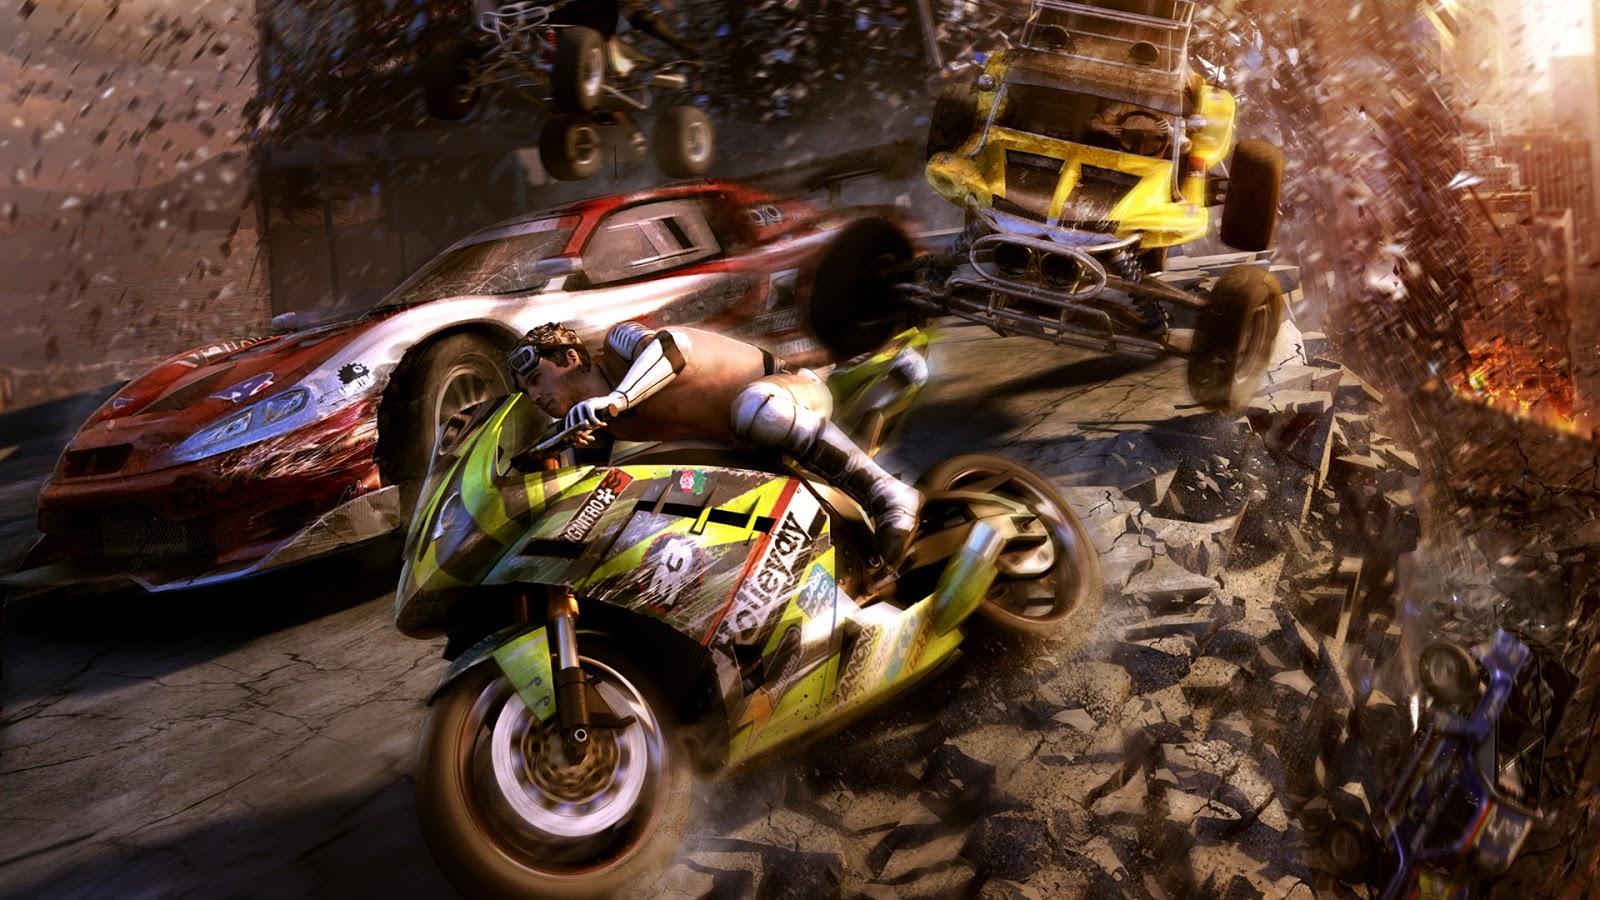 Fondos De Pantalla Carreras Proibidas: Fondo De Pantalla Juegos Carrera De Motos, Coches